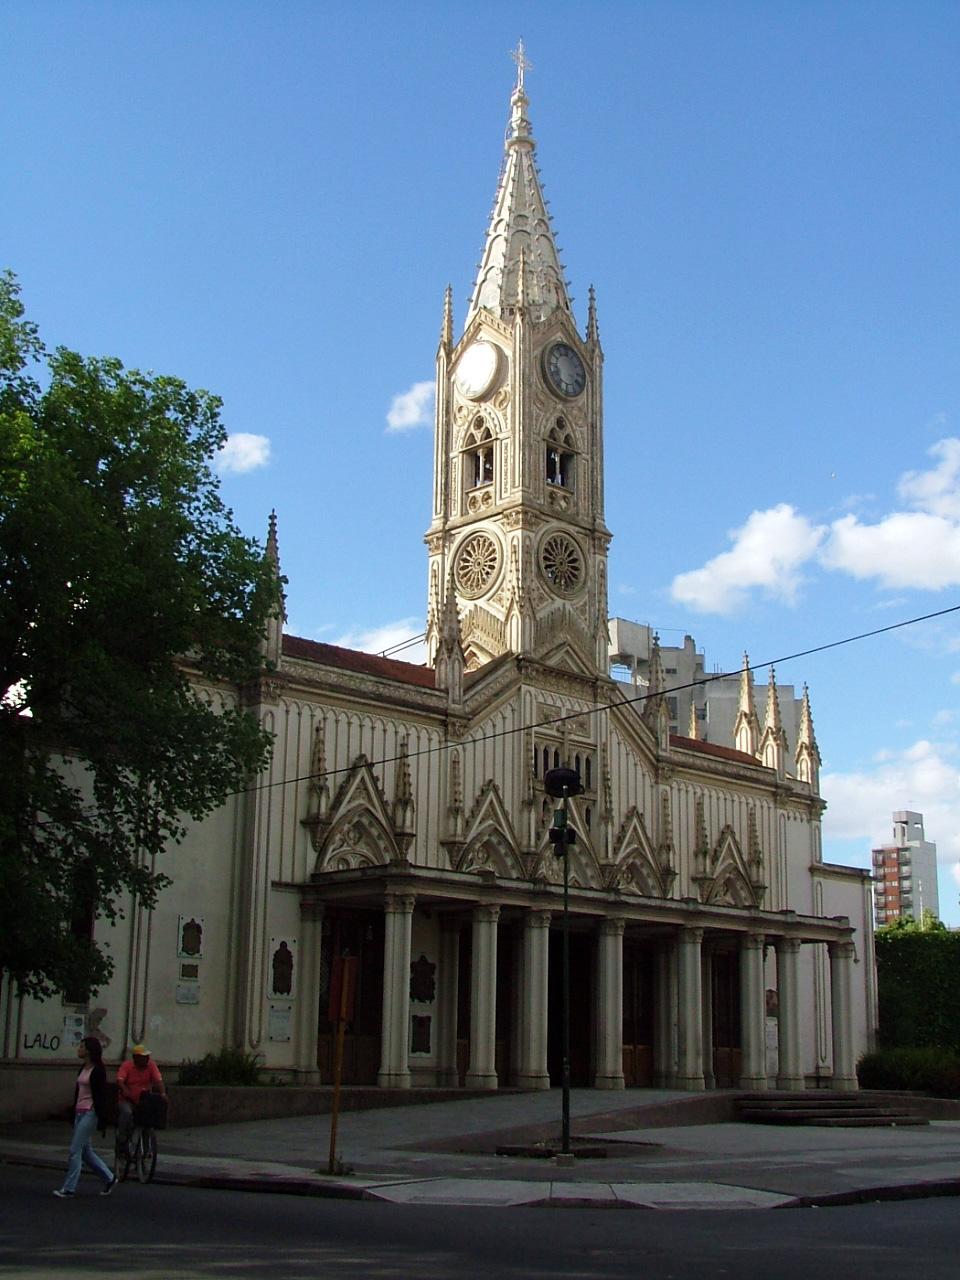 El templo más antiguo de La Plata, Argentina, pasó dos años cerrado, desde 1998 hasta el 2000.